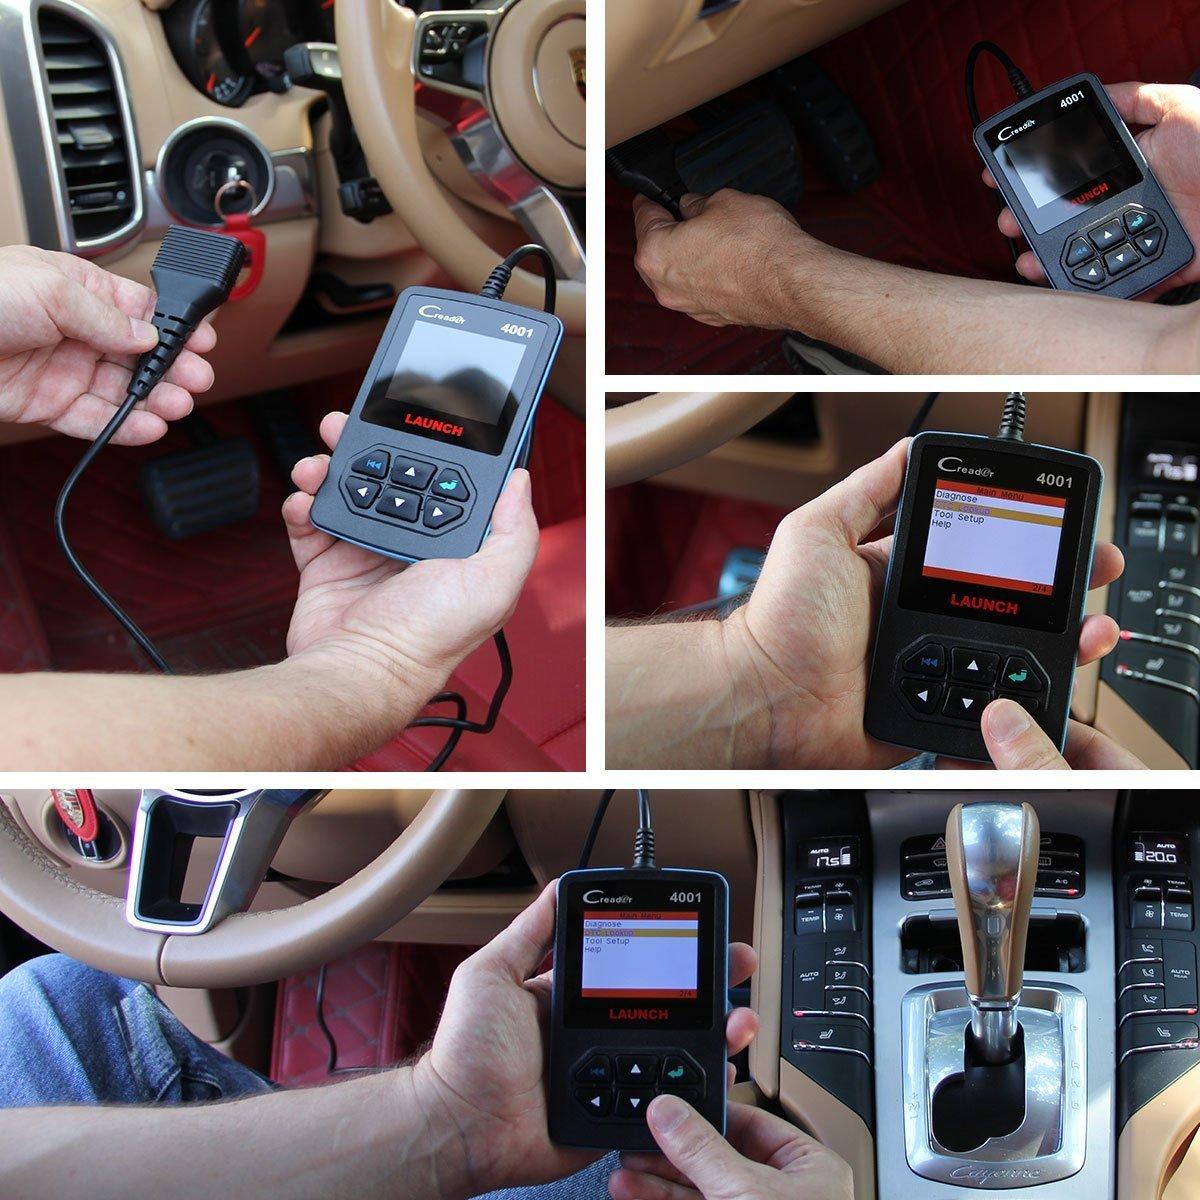 ... automático de códigos OBD2, escáner completo OBDII/EOBD, diagnóstico automático con sensor de O2 y prueba de monitor a bordo: Amazon.es: Coche y moto